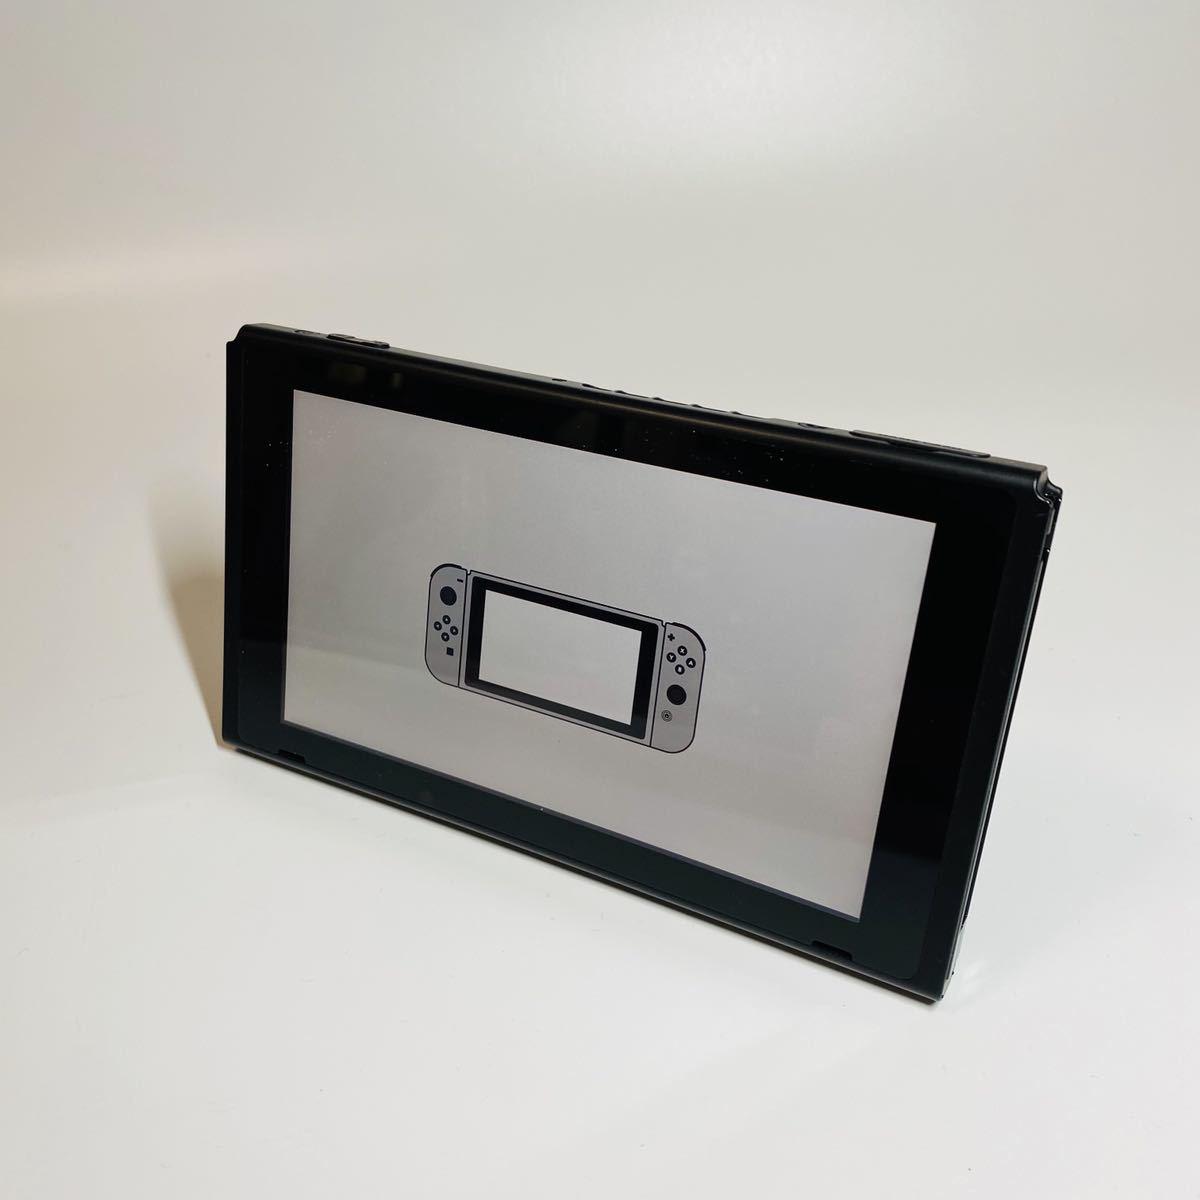 【2017年製】動作良好 Nintendo Switch 本体のみ ニンテンドースイッチ 任天堂 スイッチ 本体 初期型 ネオン Switch本体 未対策